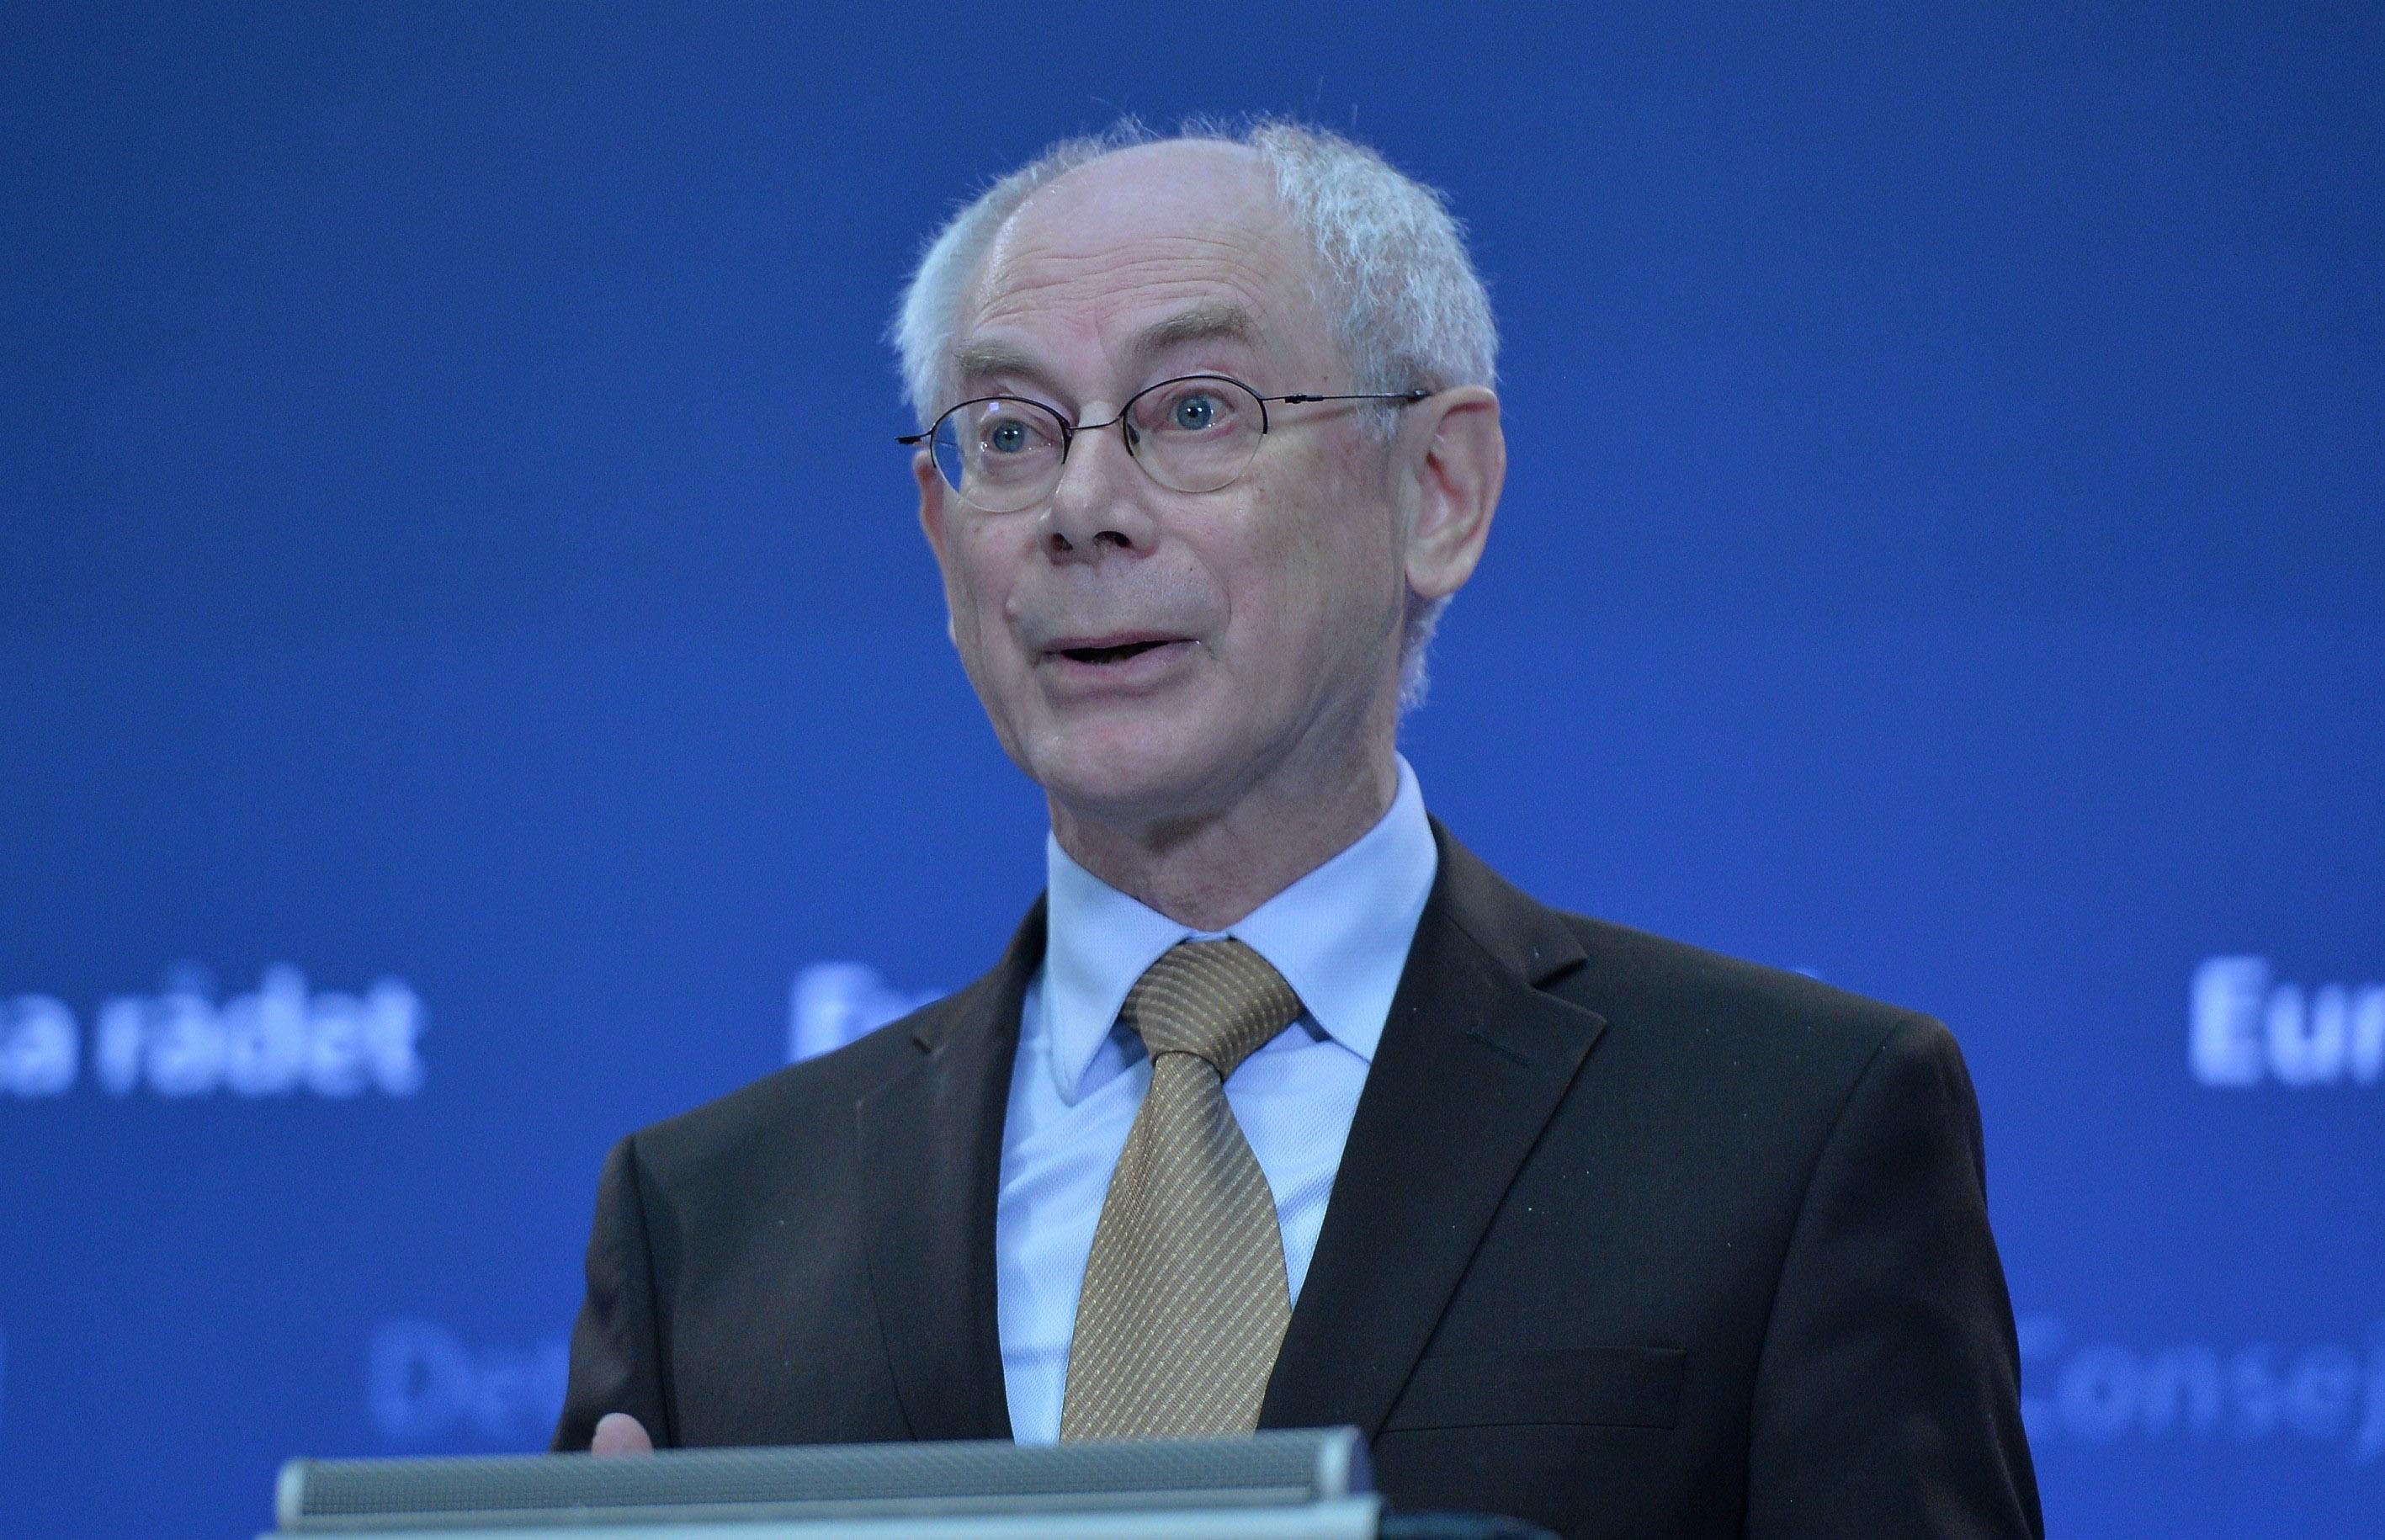 Herman Van Rompuy speaking in Brussels in this Dec. 1, 2014 file photo.